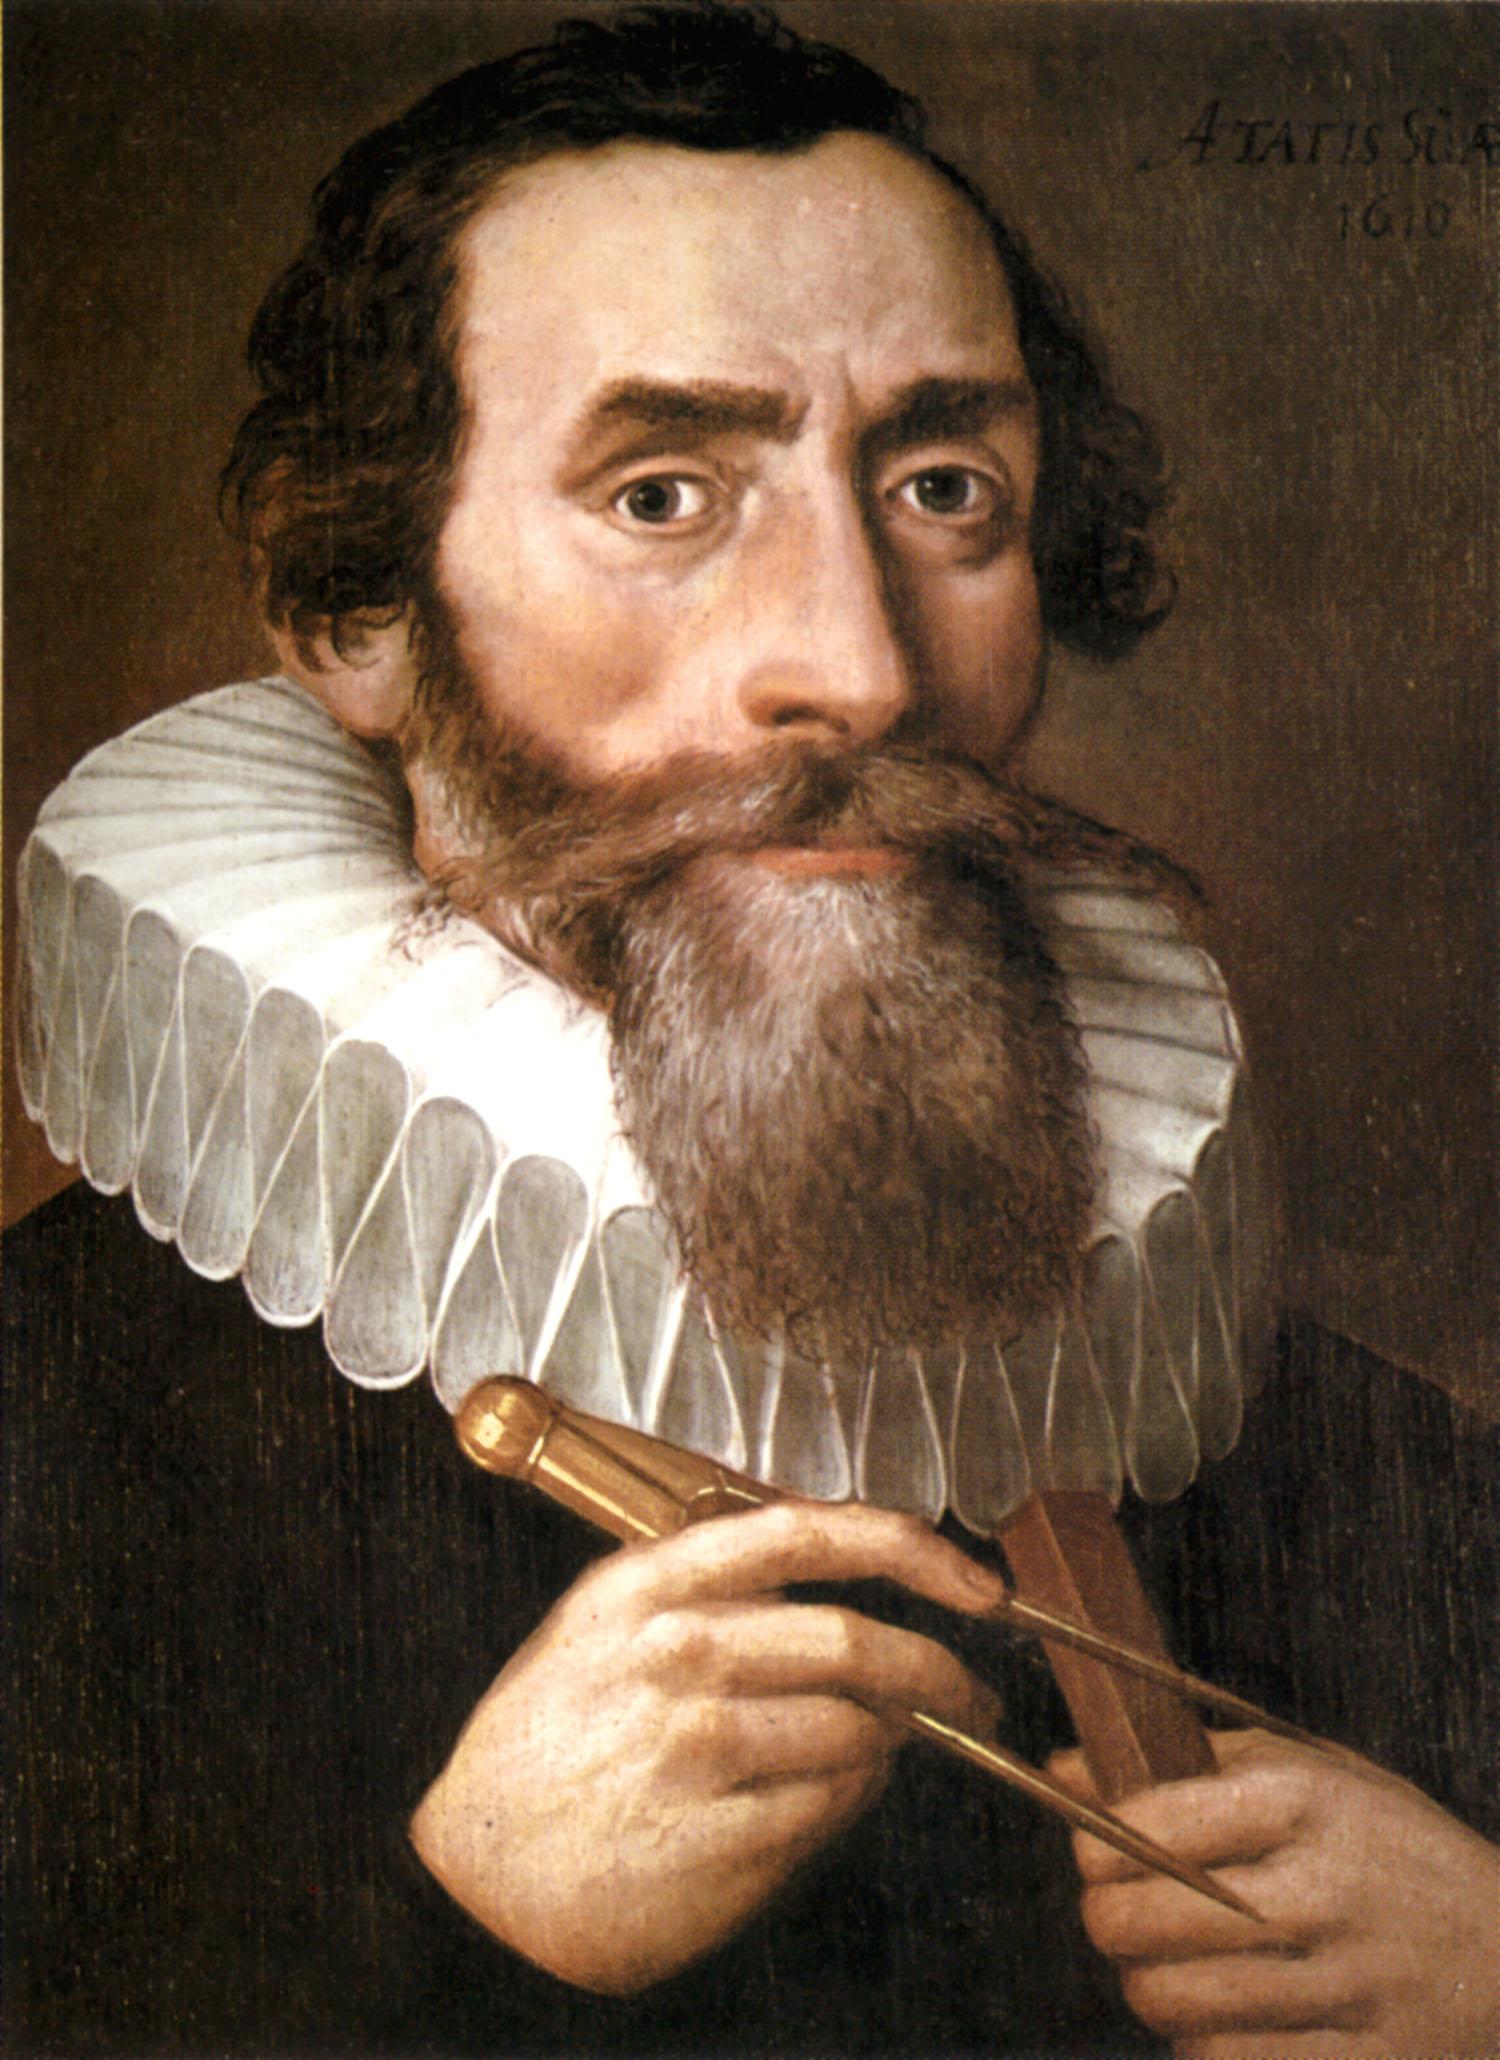 ohannes Kepler